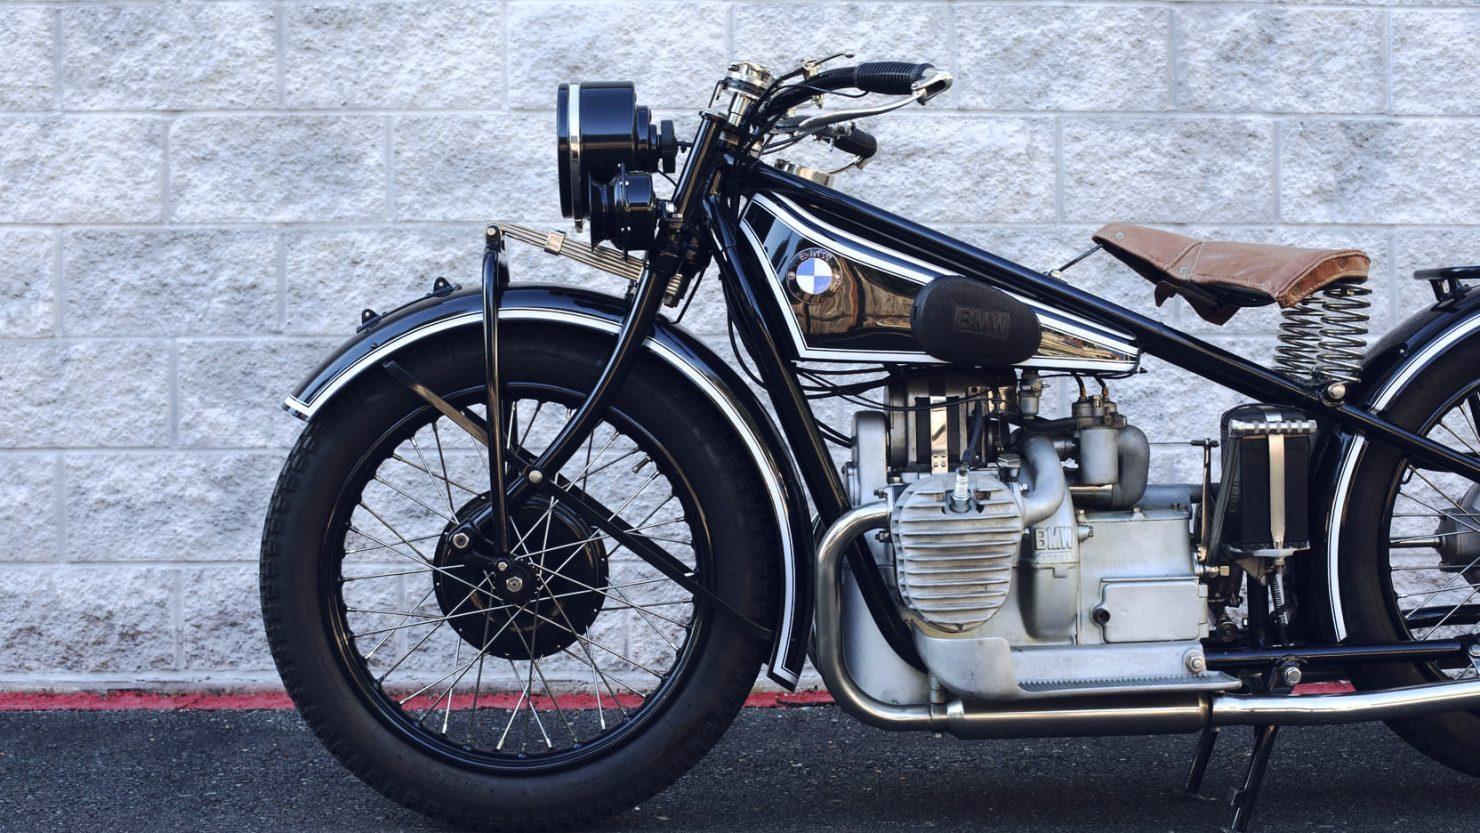 BMW R62 6 1480x833 - 1929 BMW R62